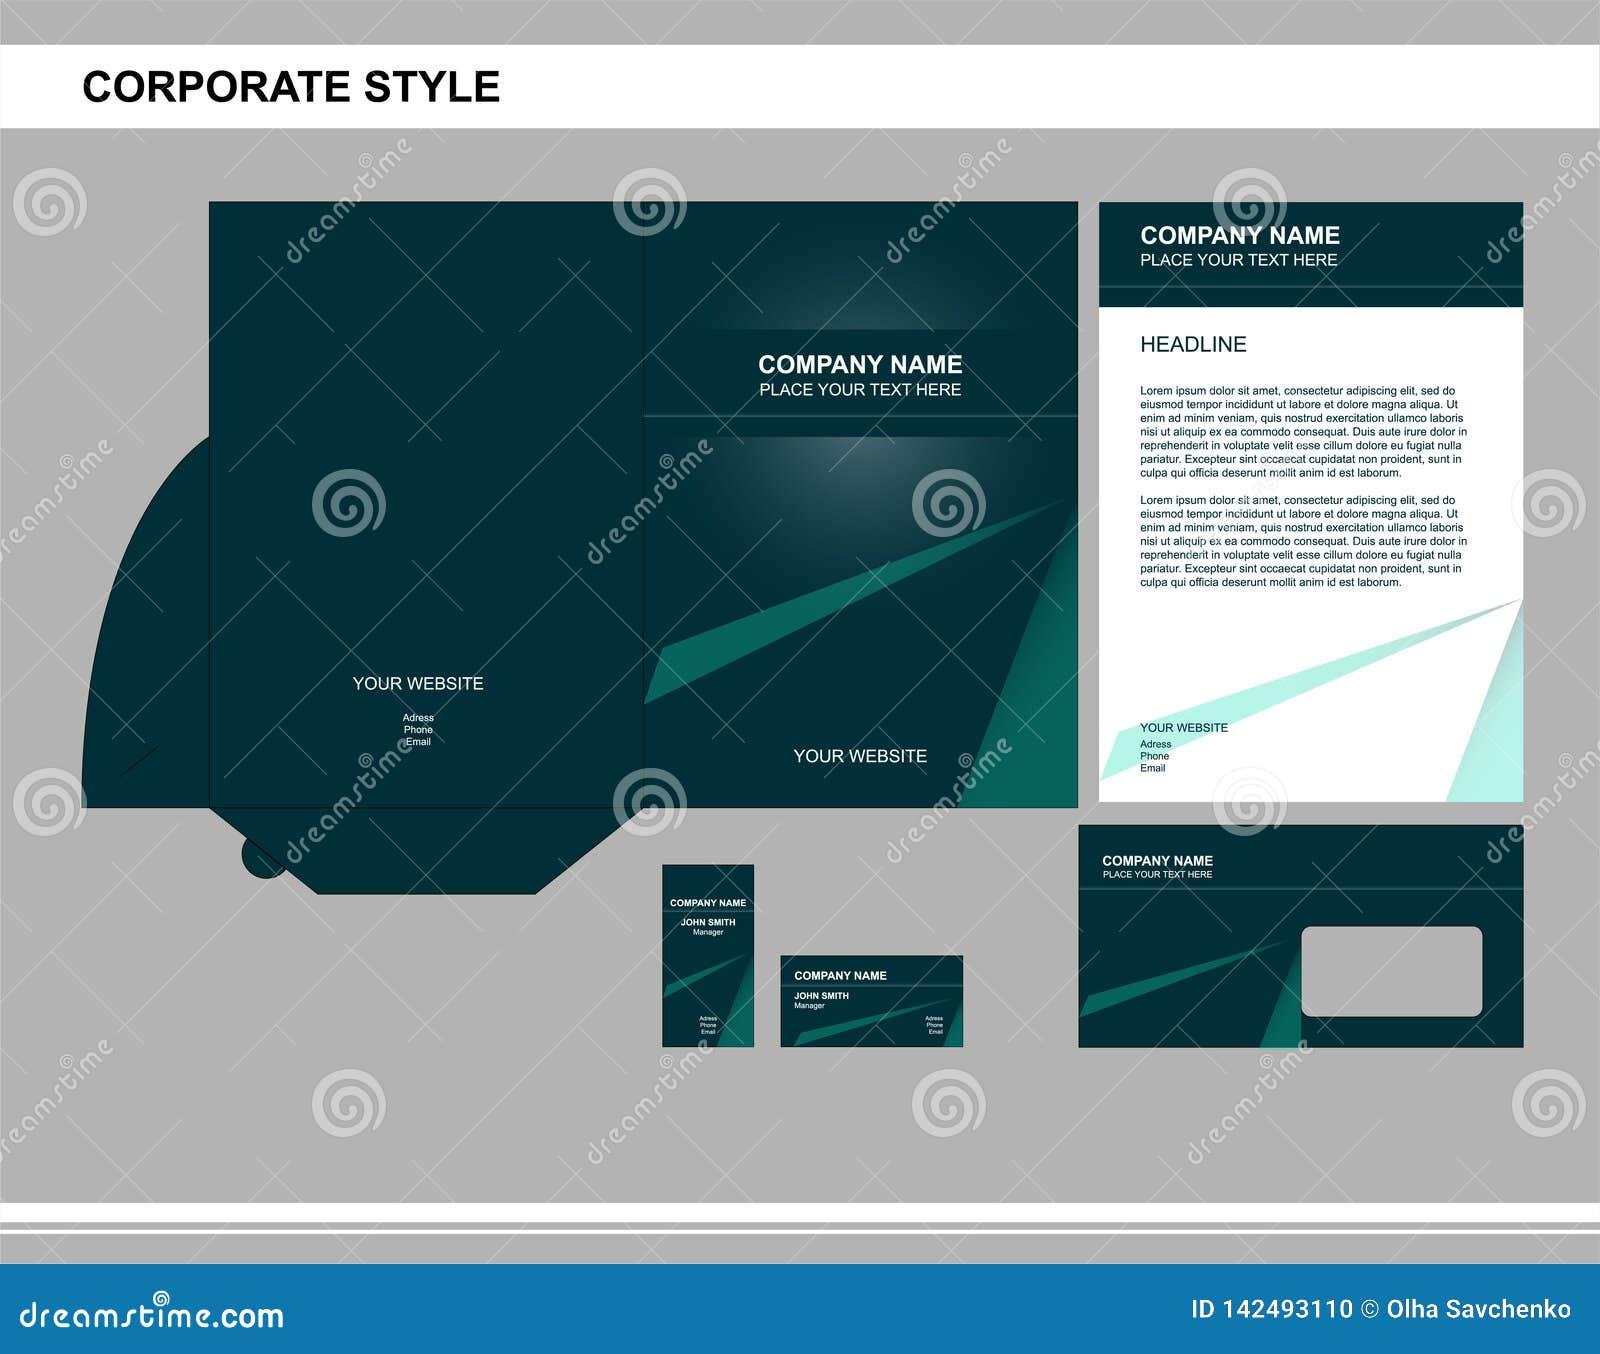 Estilo corporativo, negocio, calificando, publicidad